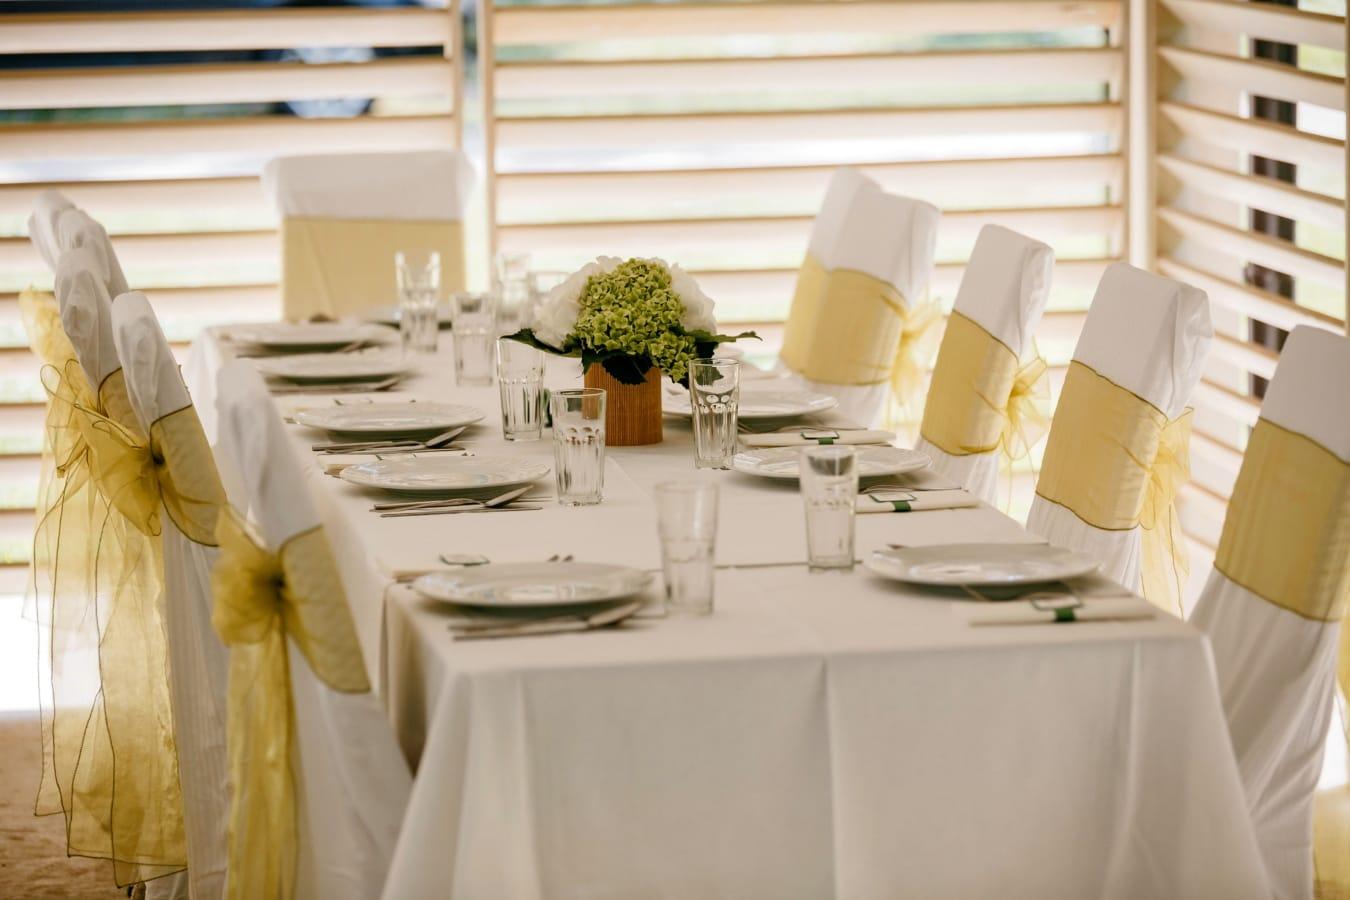 Tabelle, Stühle, elegant, Tischdecke, leere, Luxus, Interieur-design, Möbel, Haus, Dekor